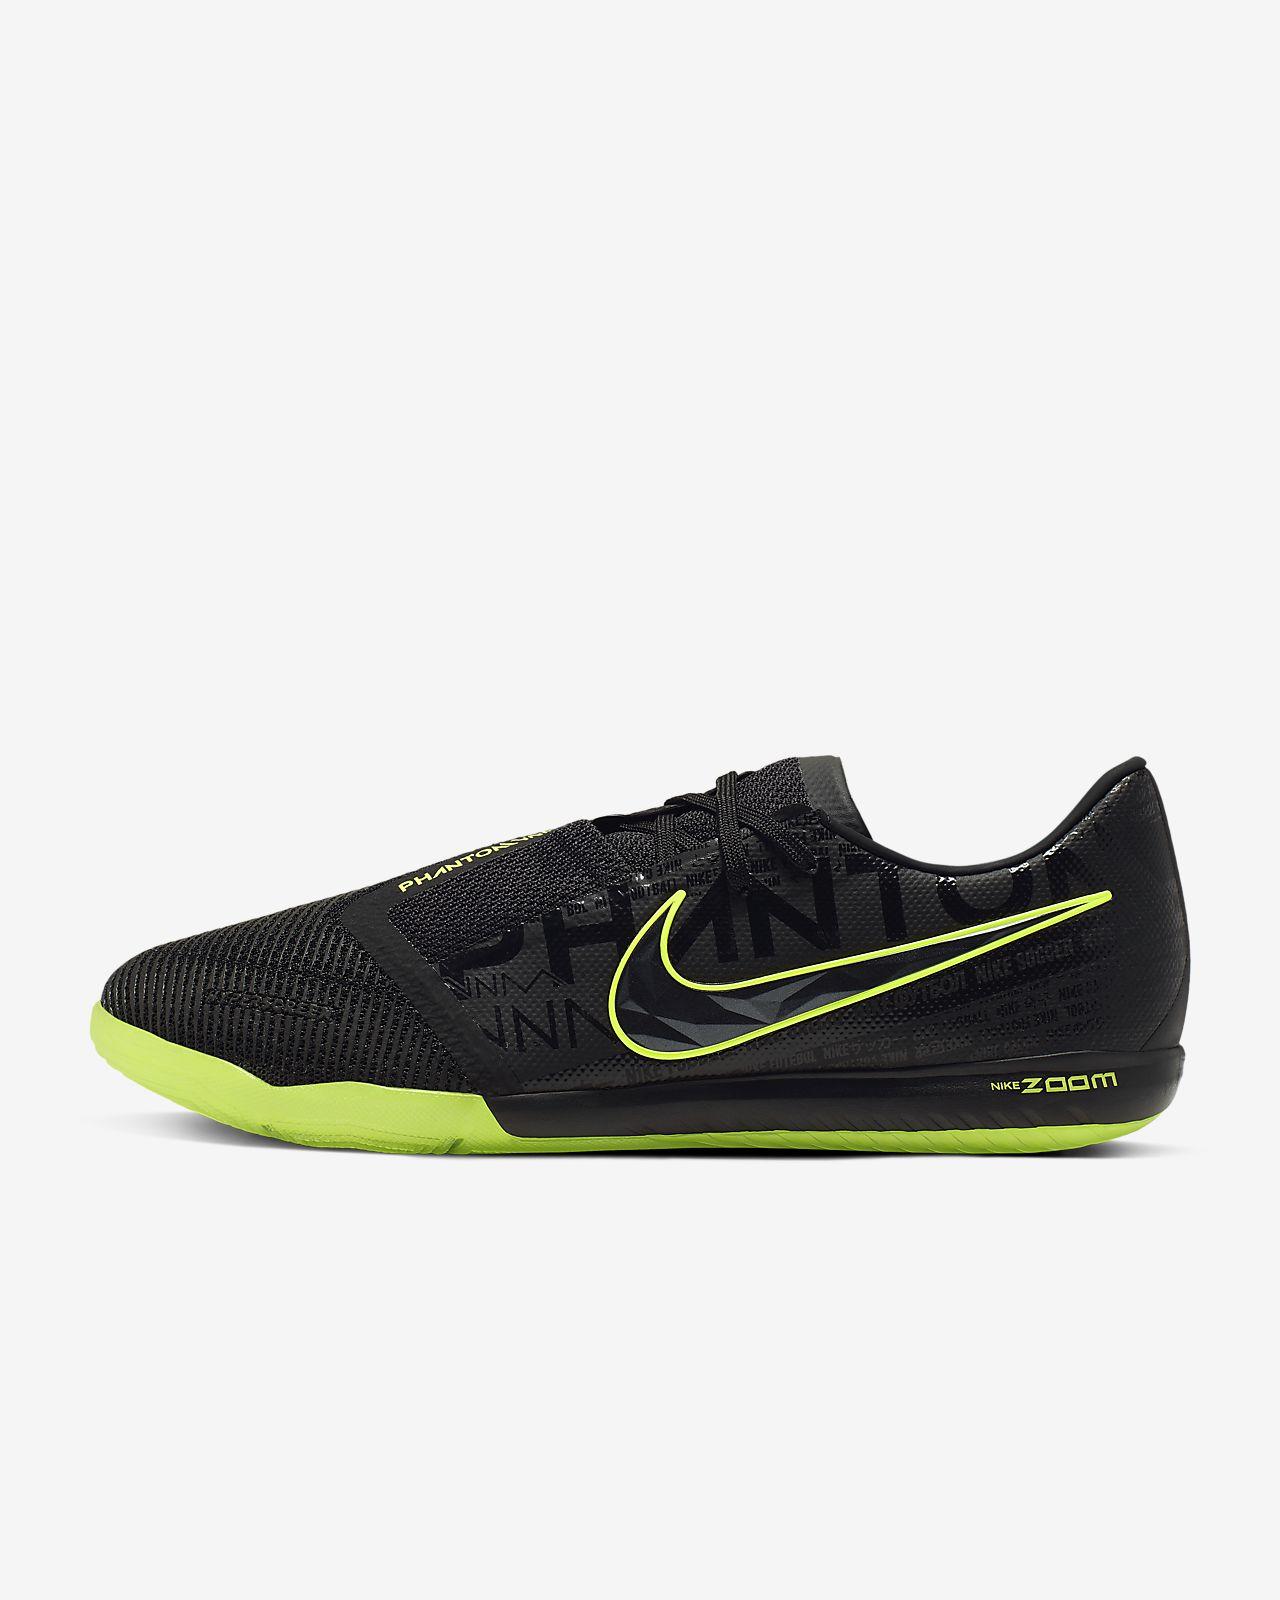 Nike Zoom Phantom Venom Pro IC Fußballschuh für Hallen- und Hartplätze